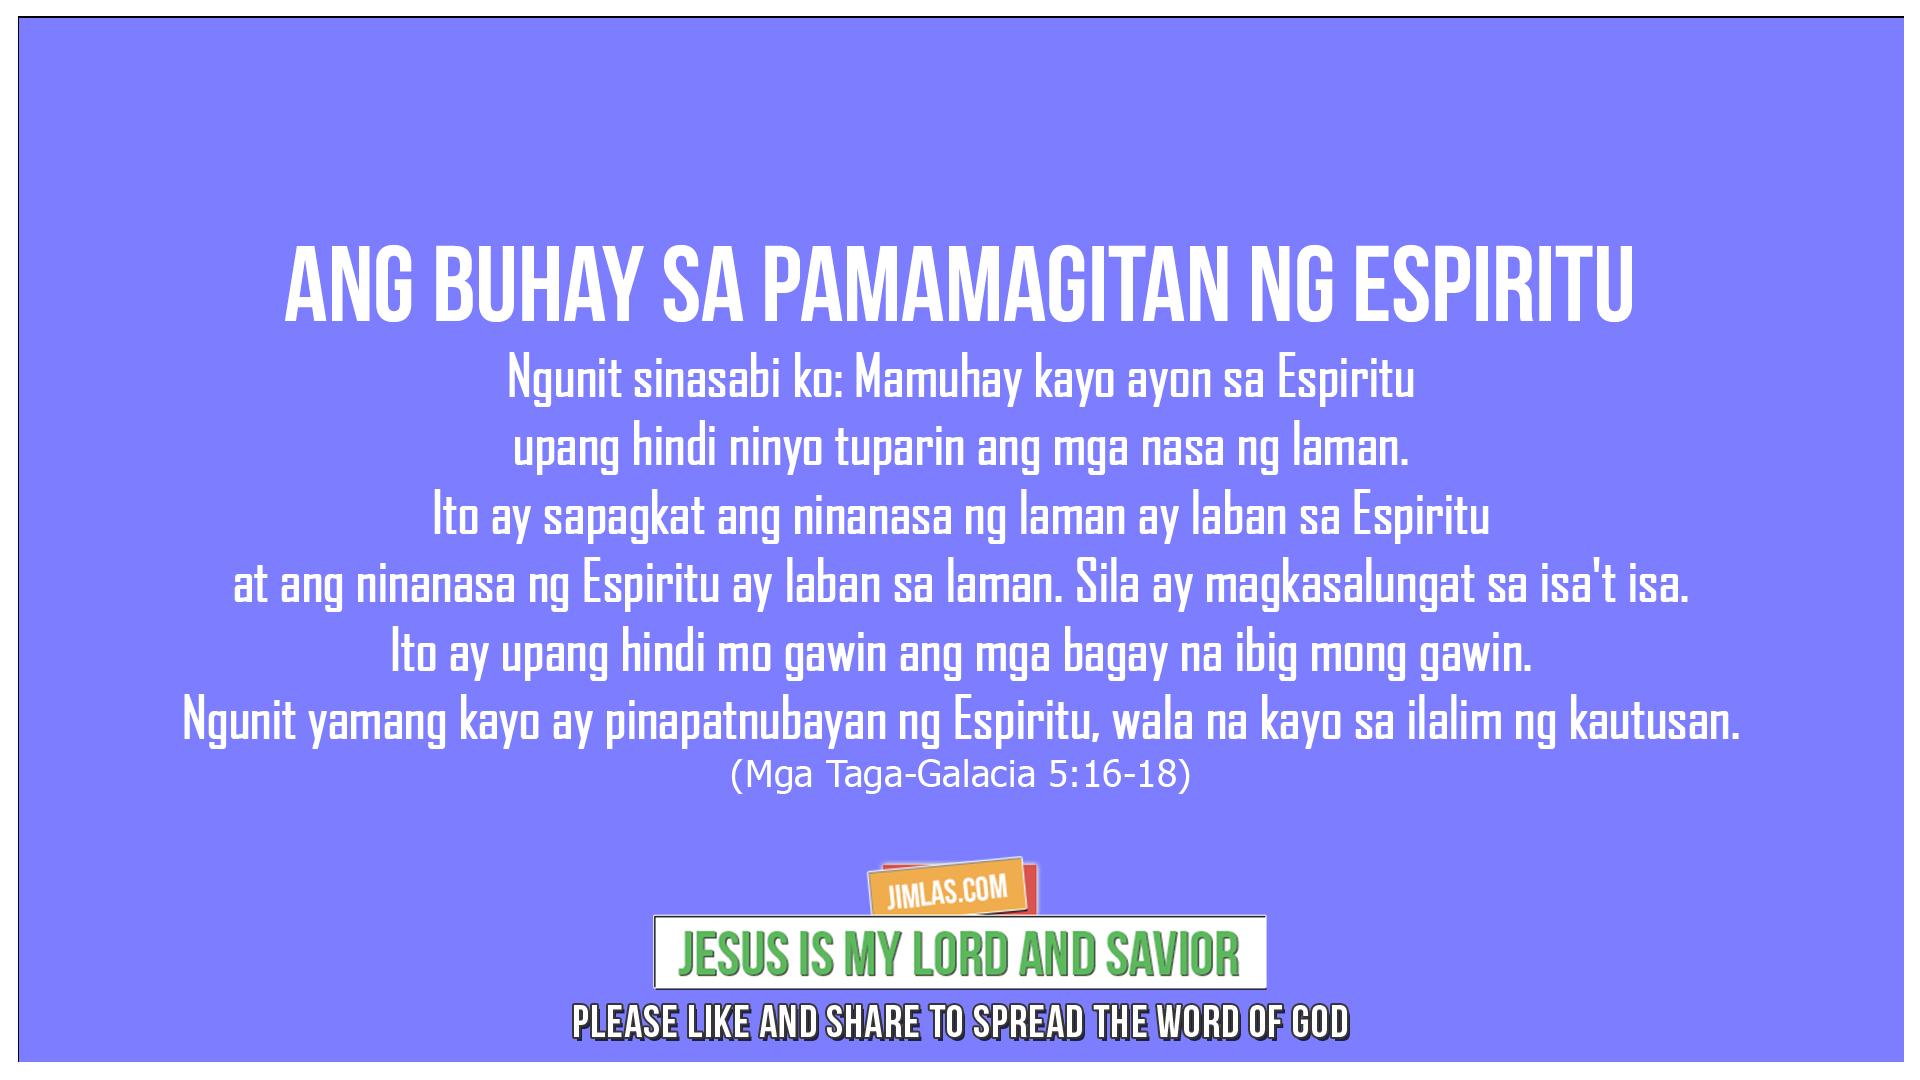 Mga Taga-Galacia 5:16-18, Mga Taga-Galacia 5:16-18